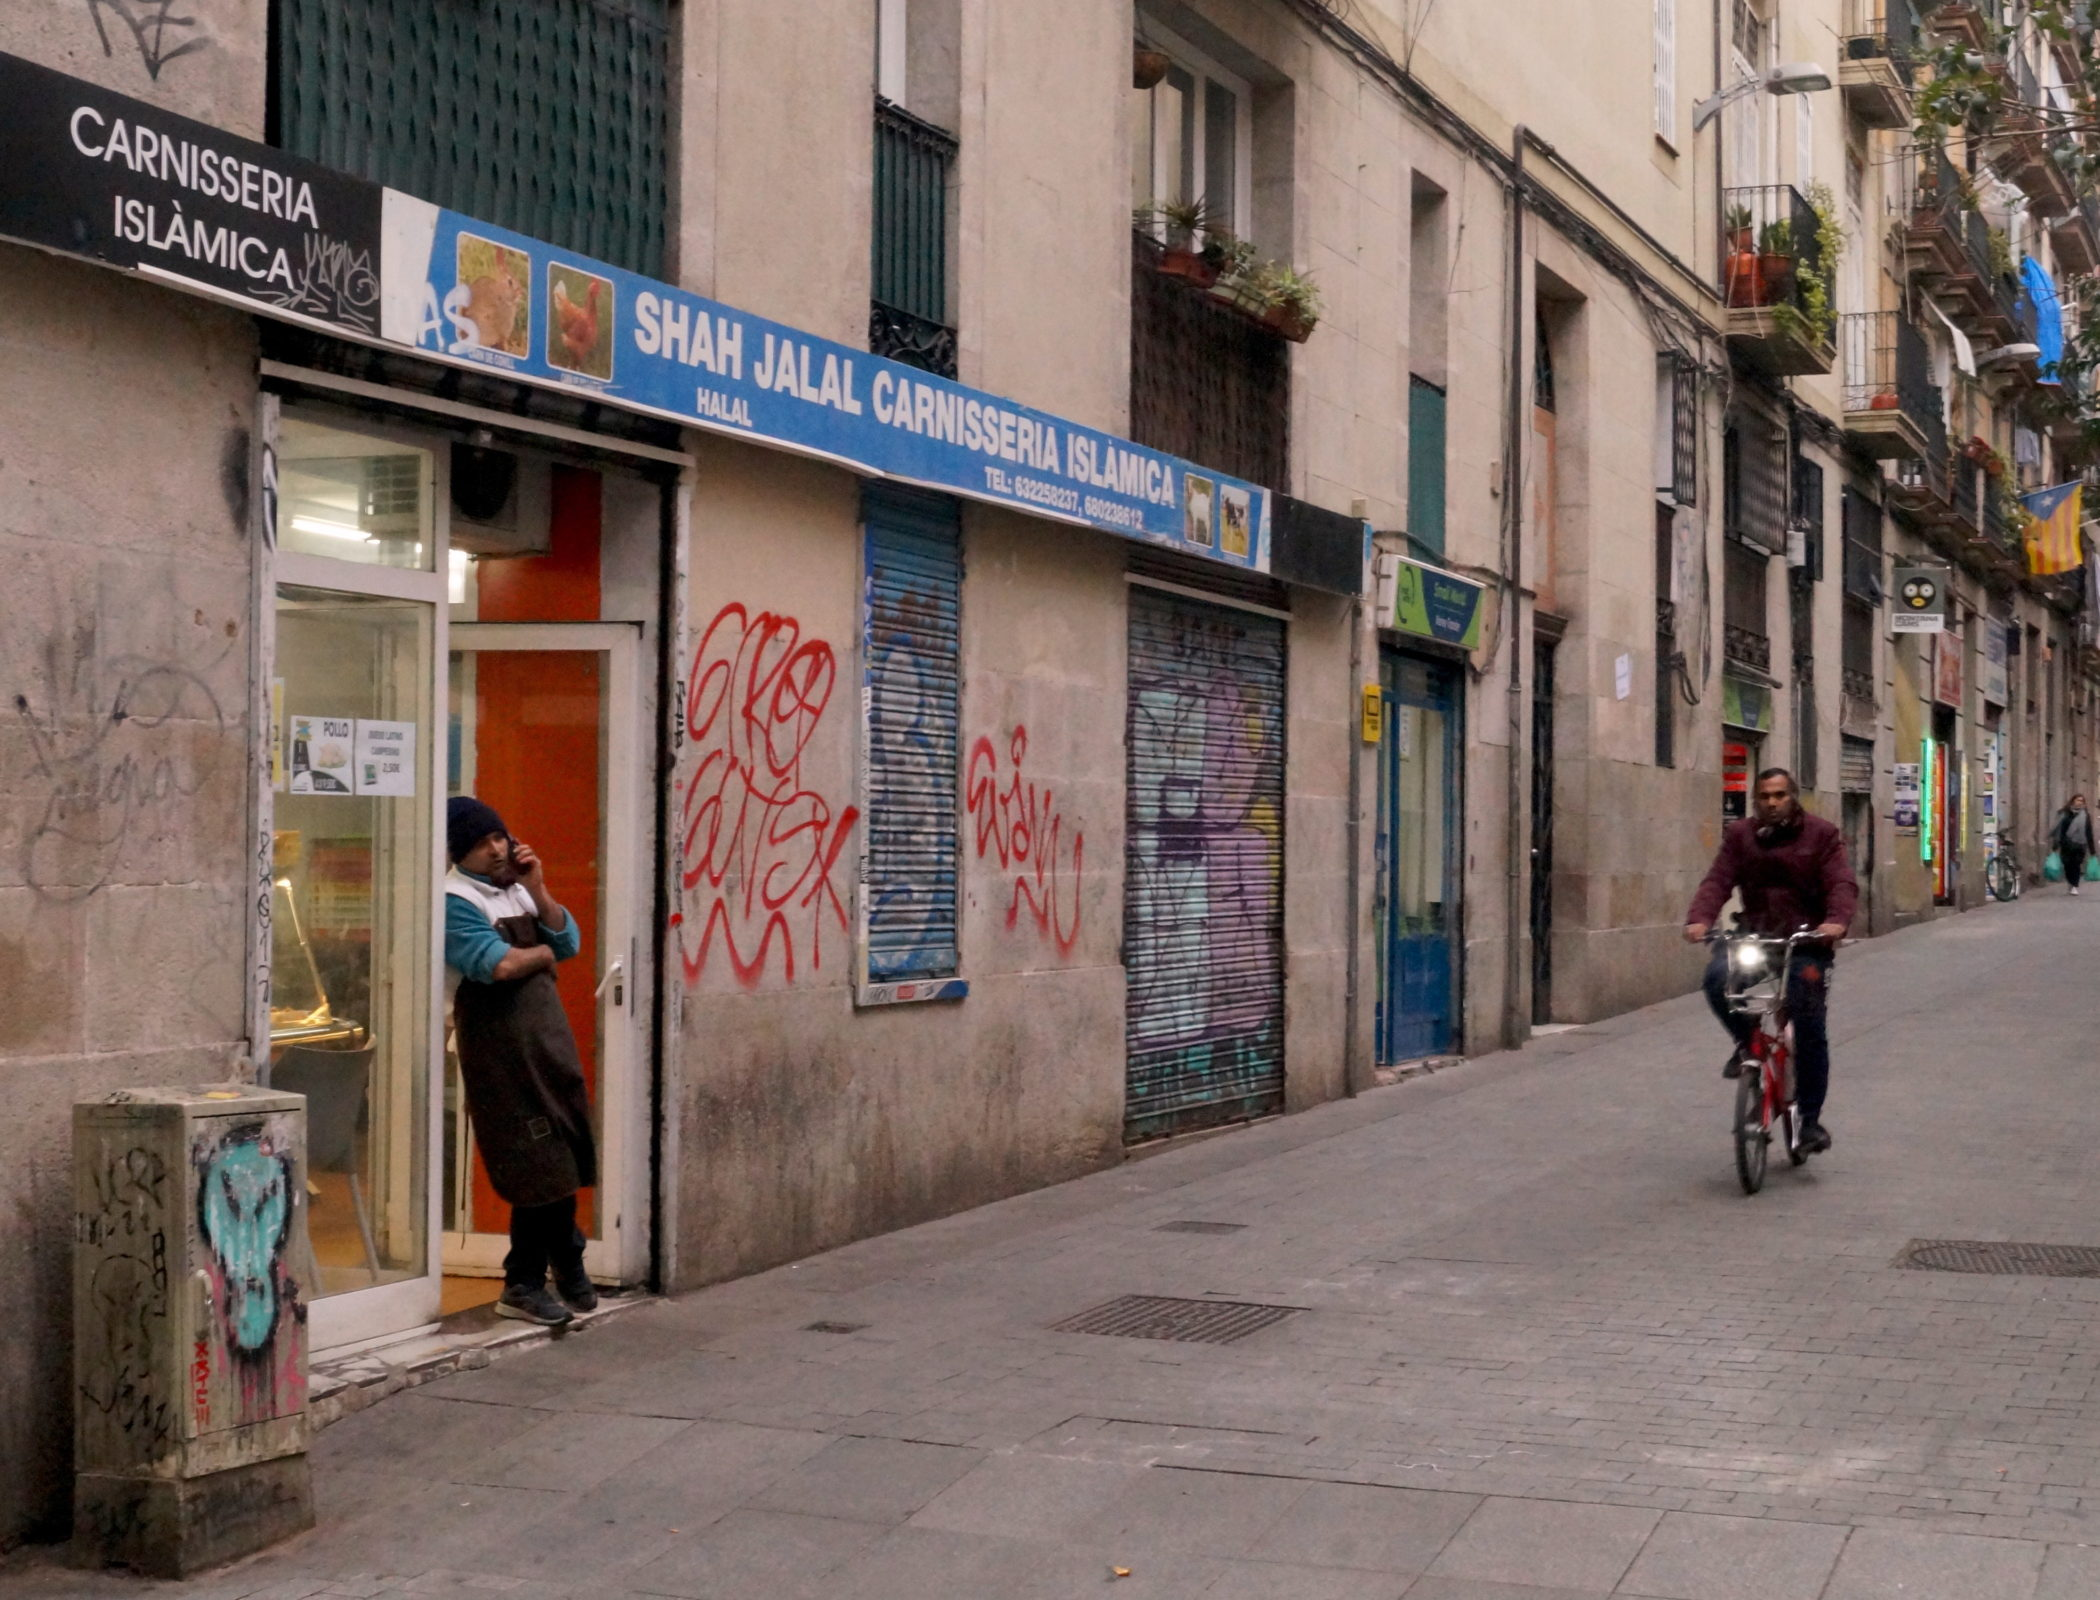 Barcelone, le 26 février 2018. Une des nombreuses boucheries halal du quartier El Raval. © Juliette Desmonceaux